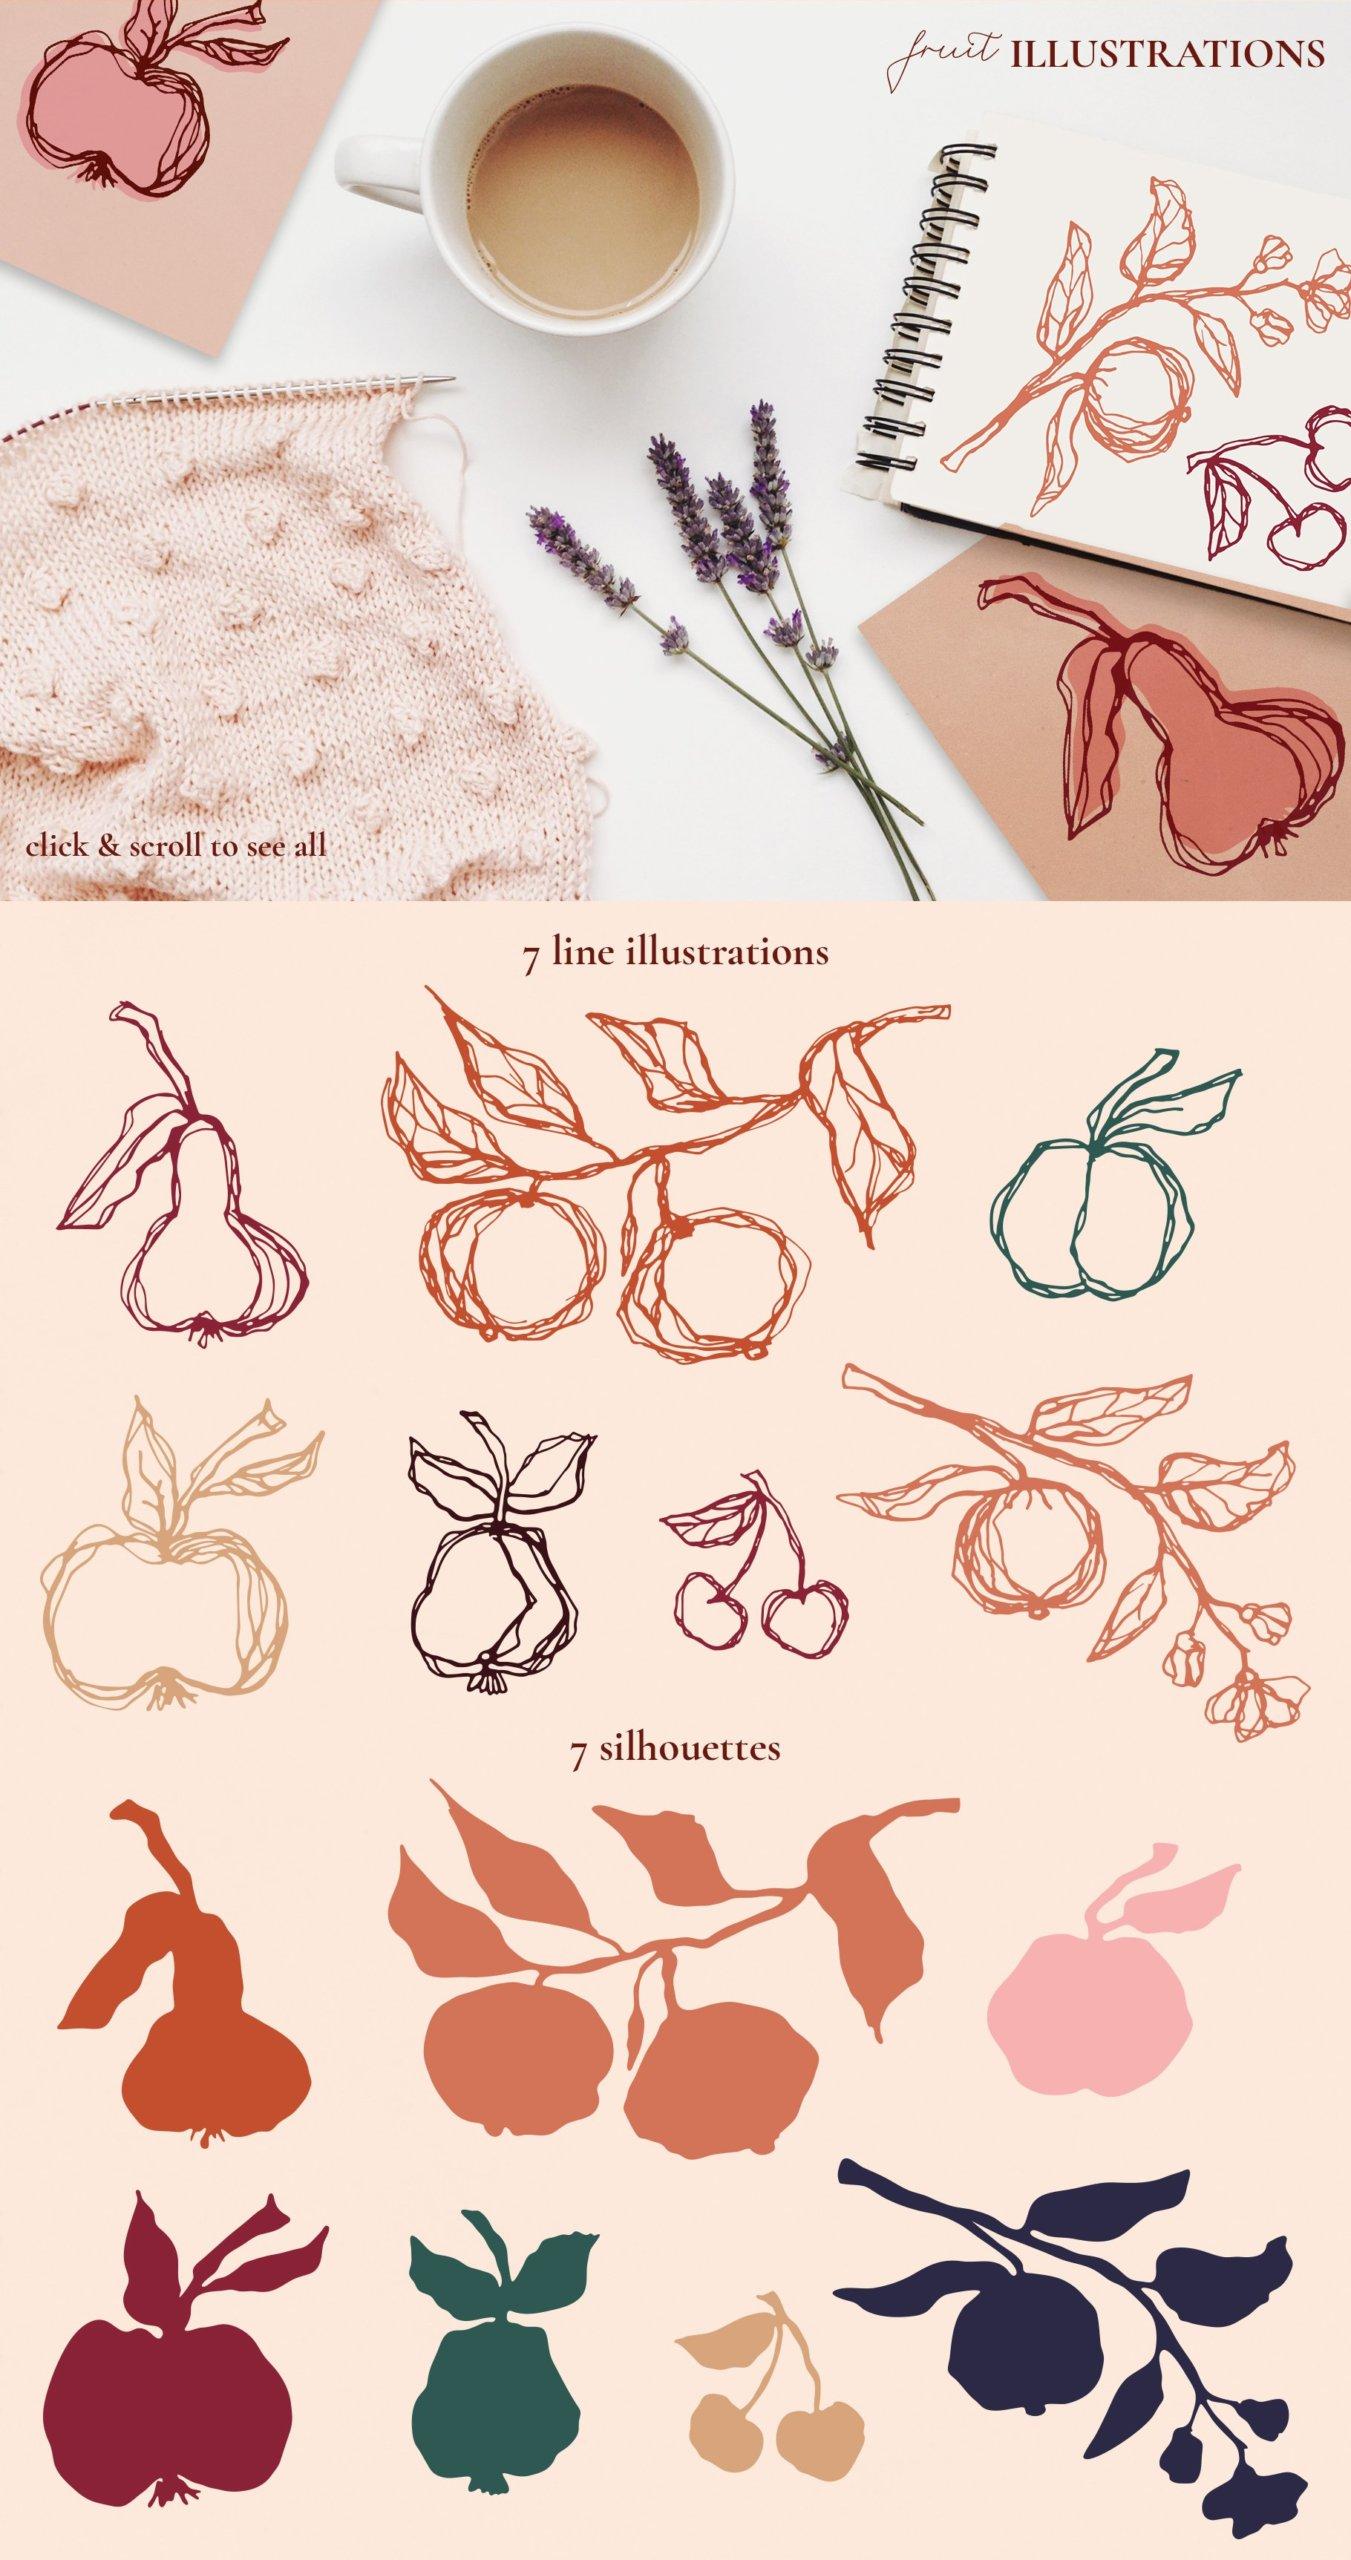 [单独购买] 现代优雅抽象花卉图形艺术线条金色箔纸设计套件 Abstract Line Art Design Kit插图10